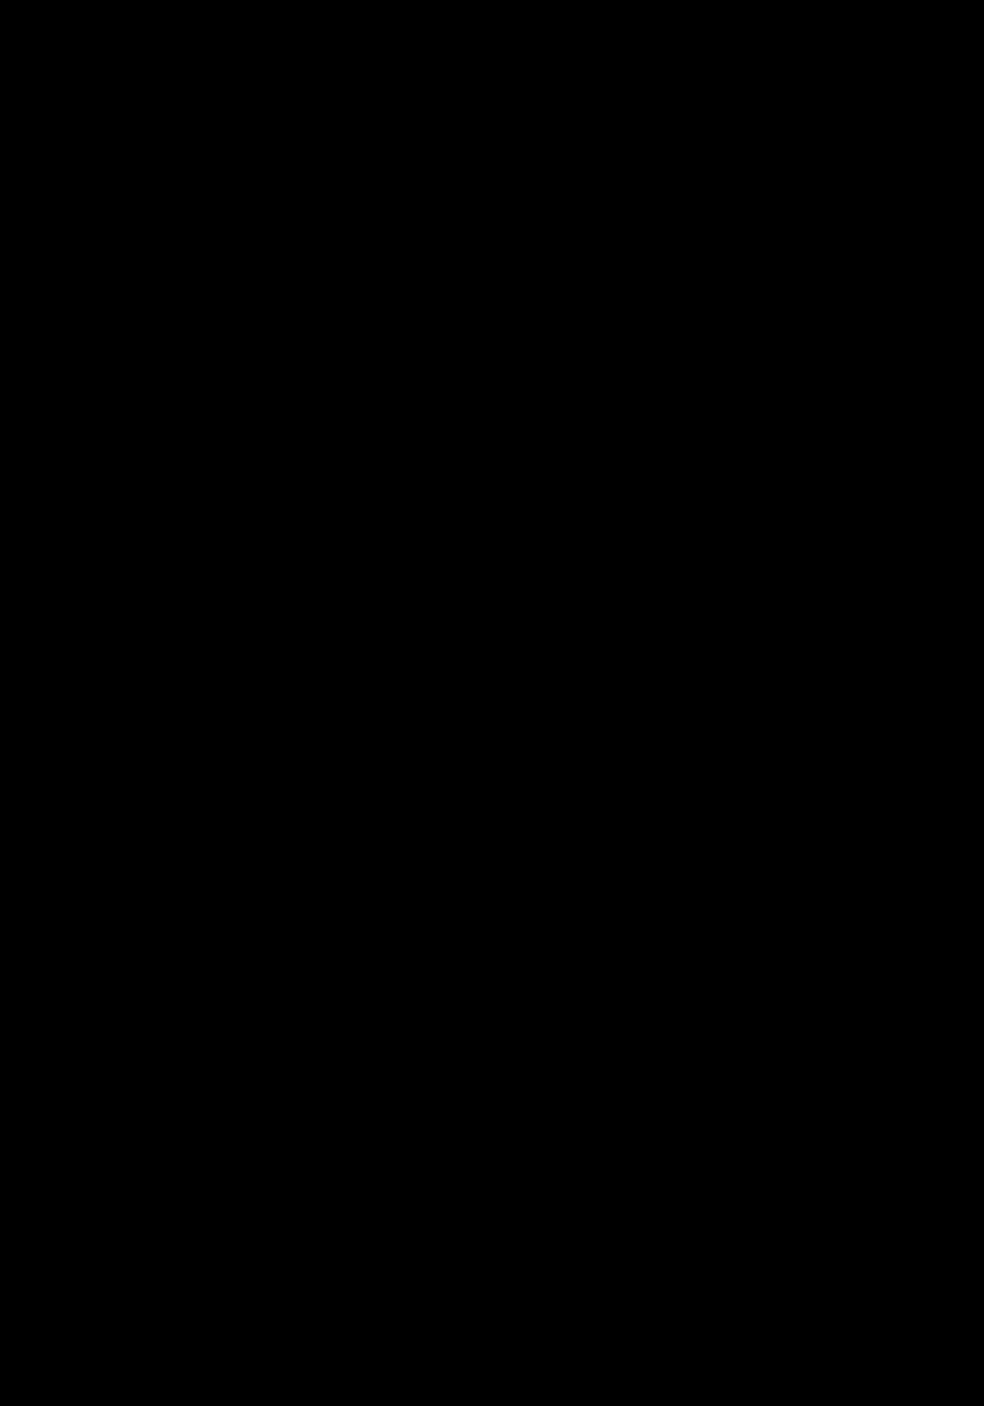 艶 E 小かな ETU-KS 縦組見本